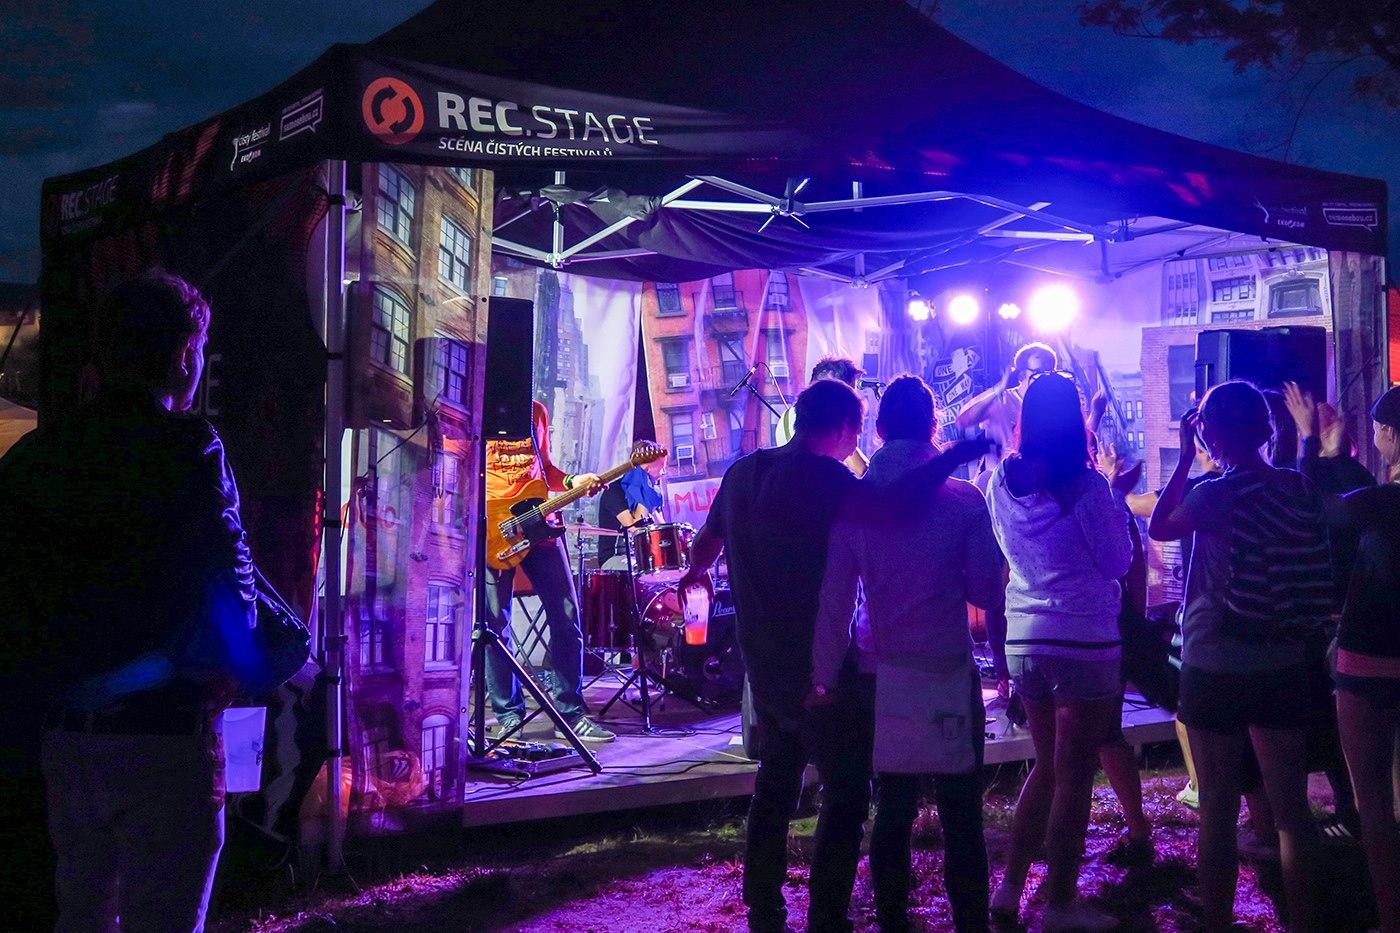 rec_stage_ciste_festivaly_stan_samosebou